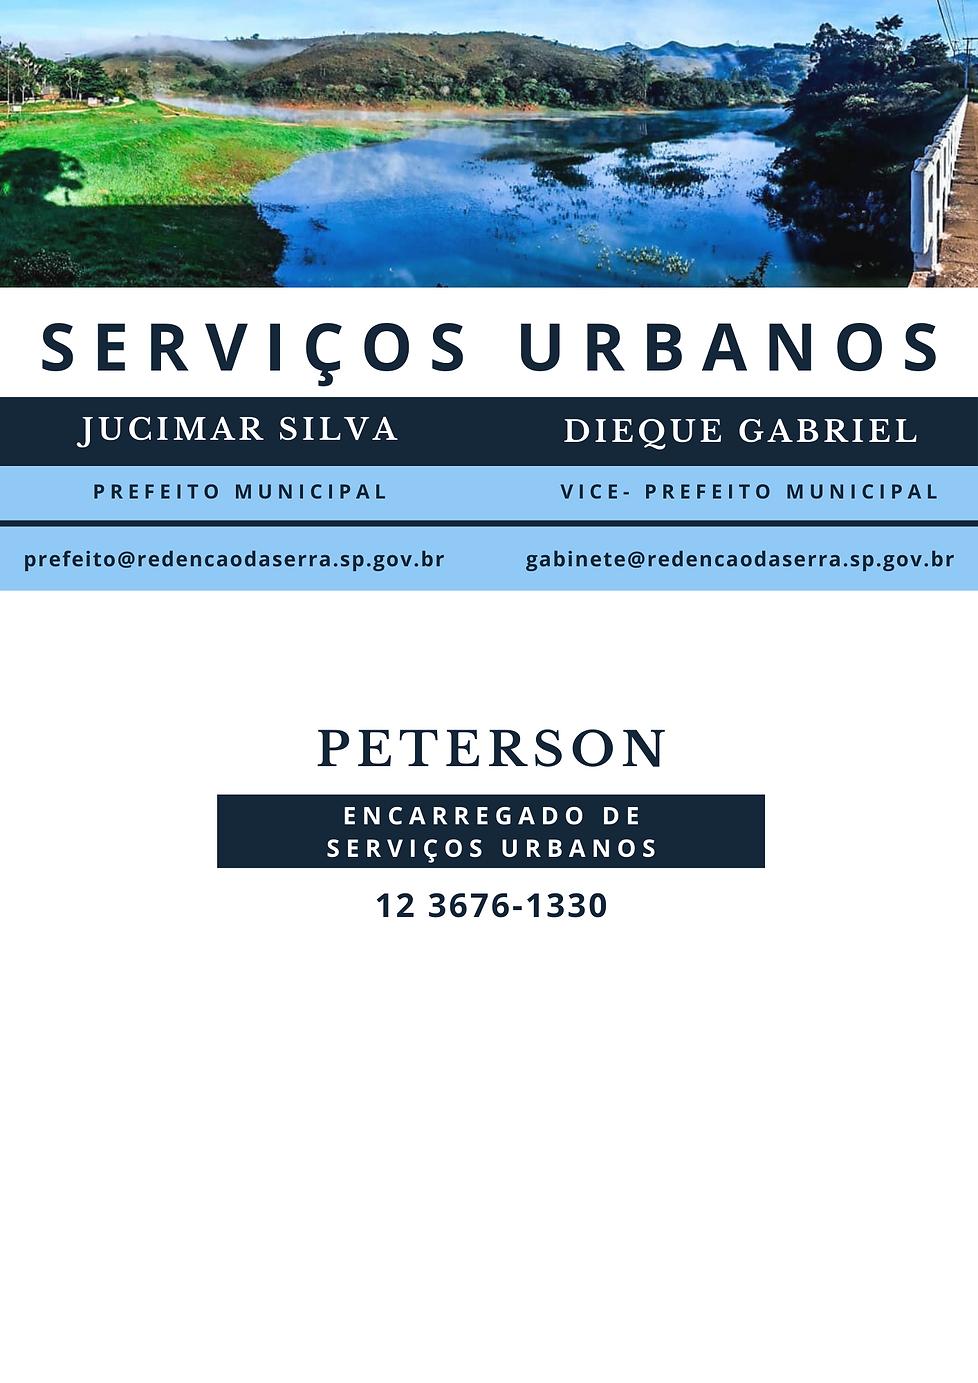 Serviços Urbanos.png